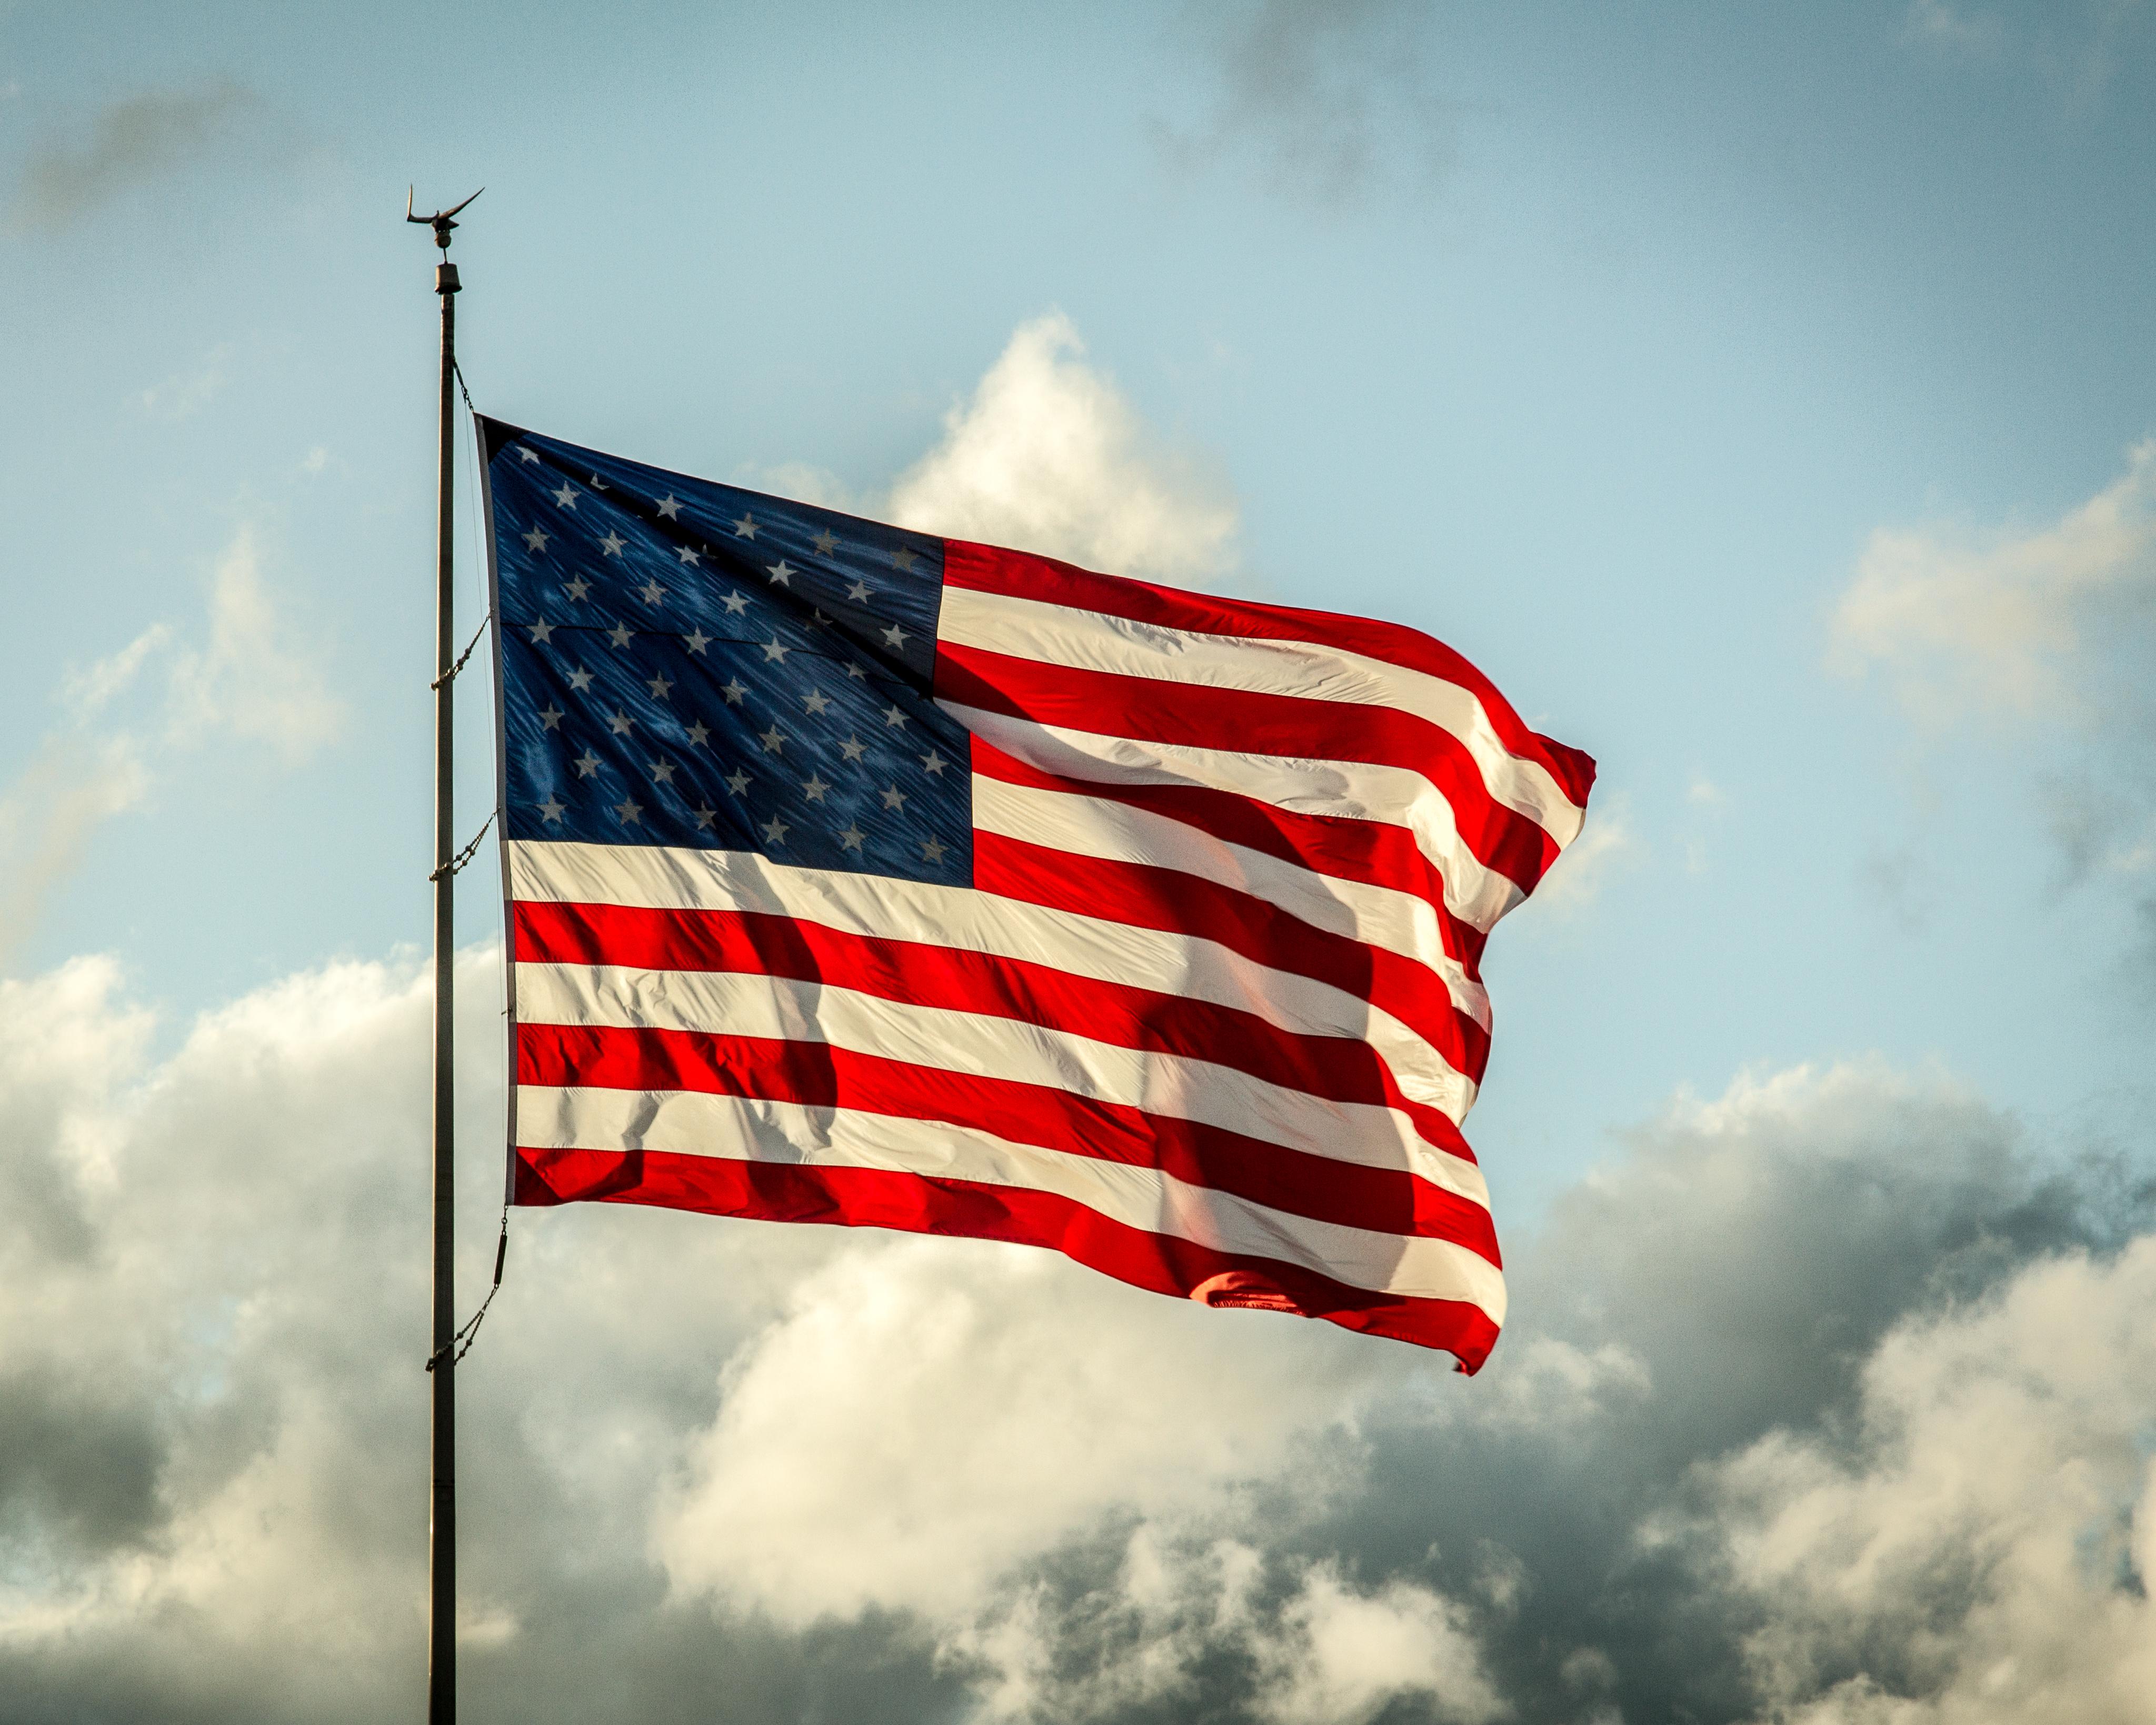 американский флаг фотографии актуальны они ежегодно